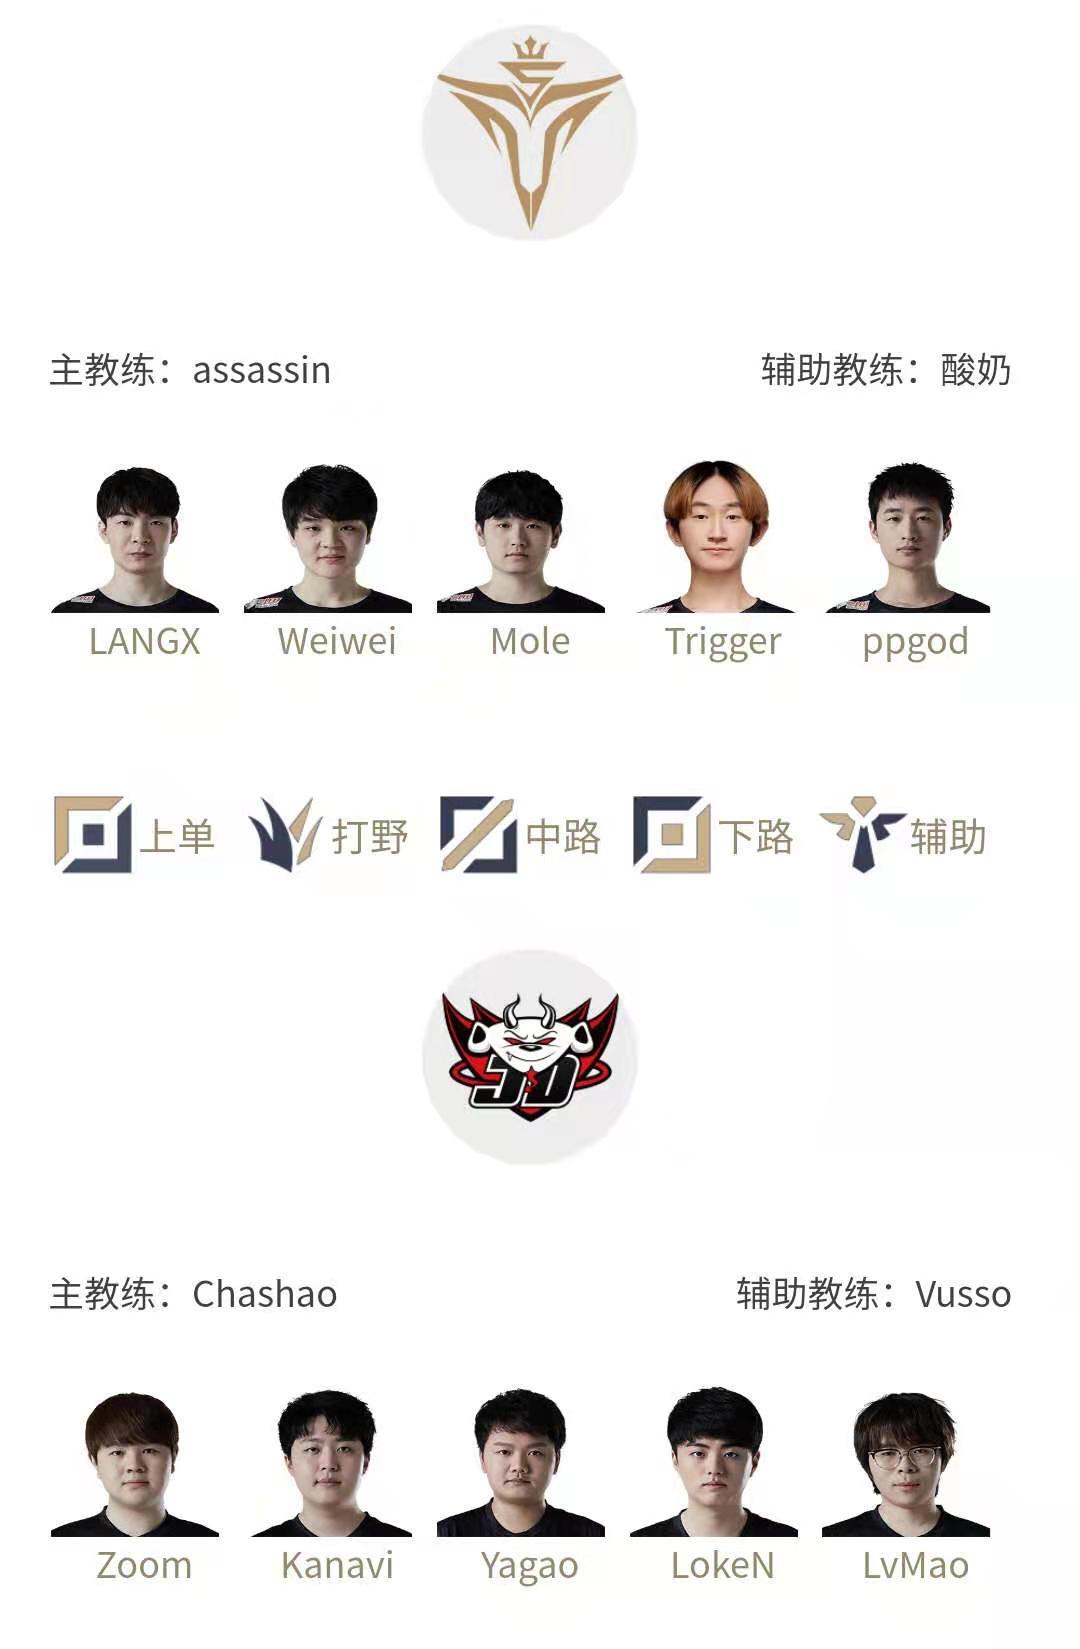 今日首发名单:Xiaohu上路交手zs